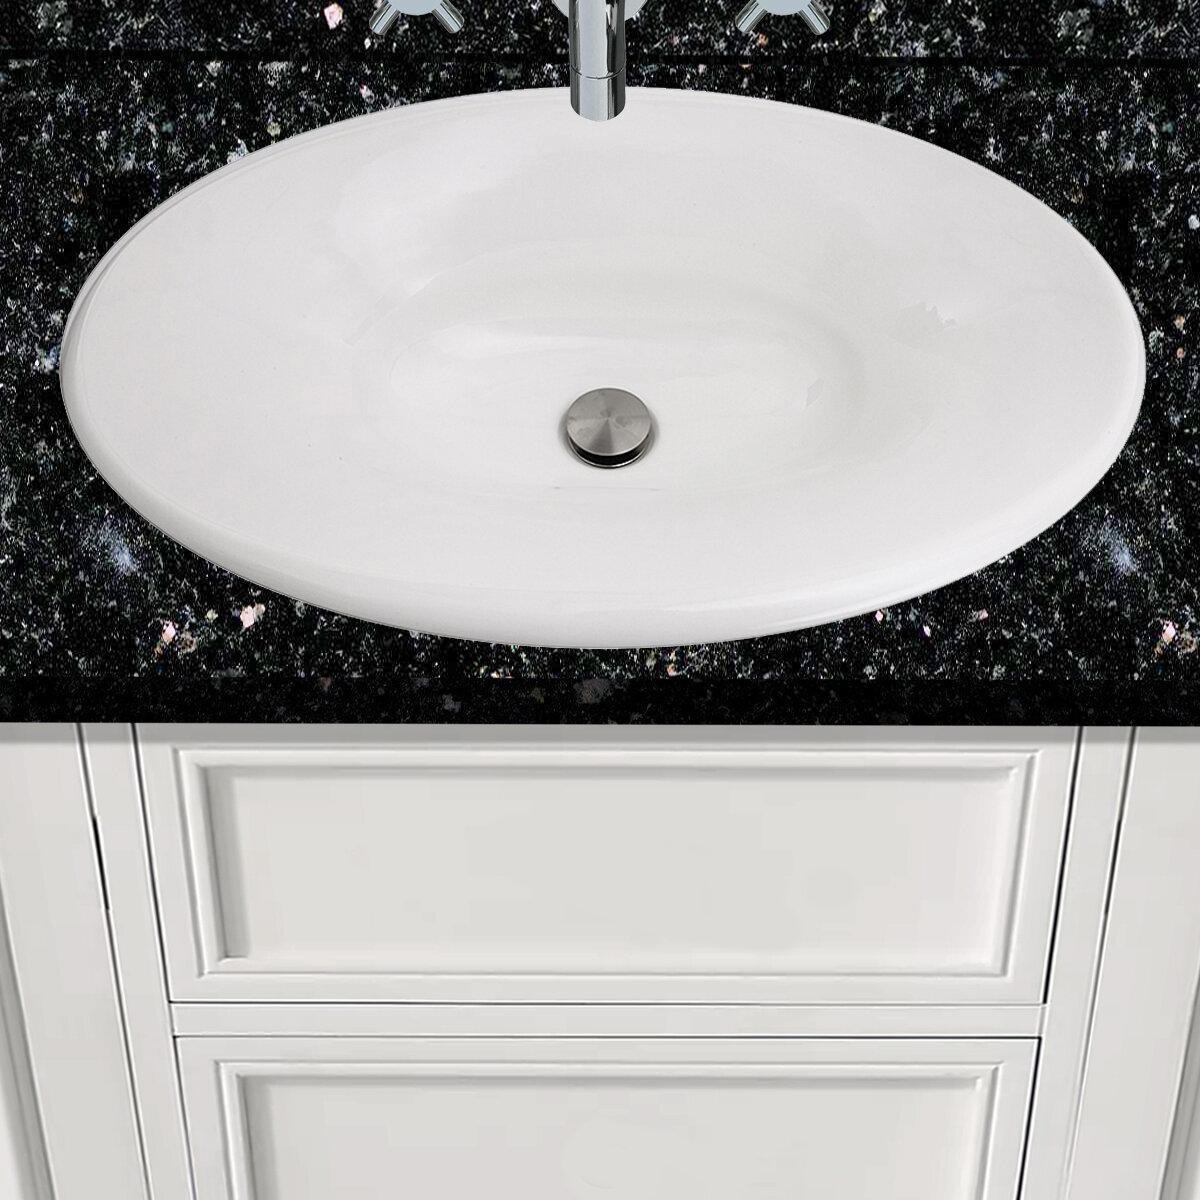 Nantucket Sinks Regatta Fireclay Oval Drop In Bathroom Sink Perigold